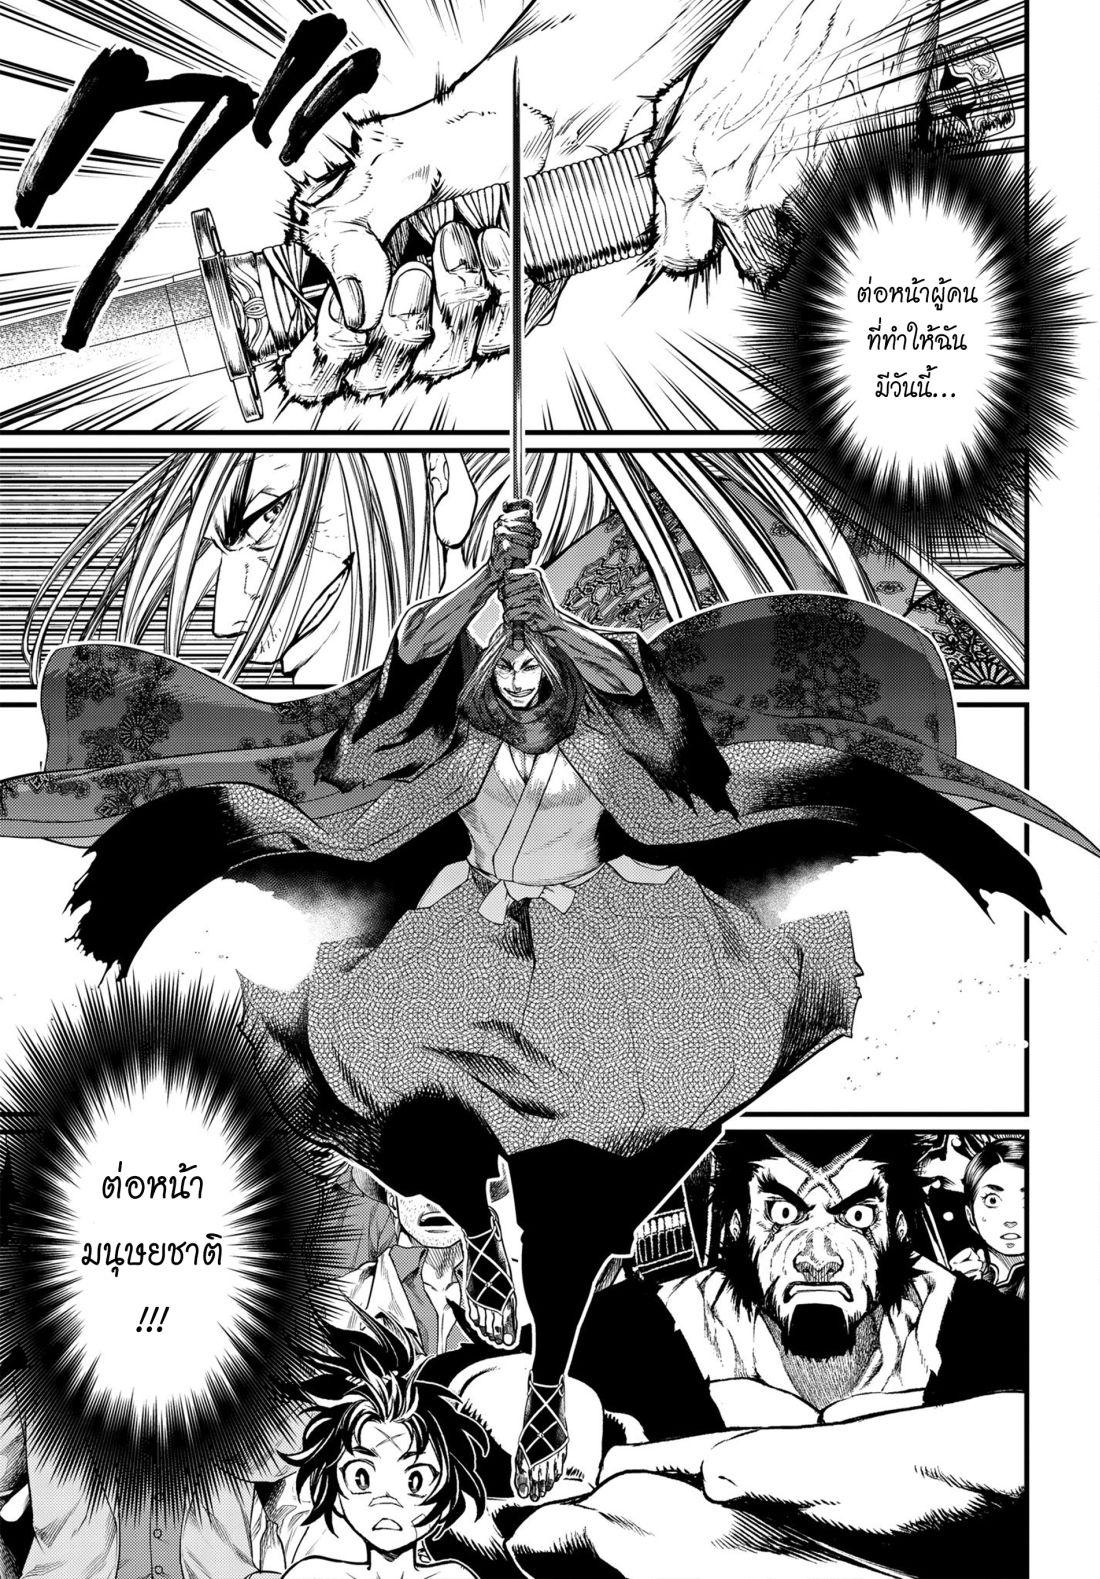 อ่านการ์ตูน Shuumatsu no Walkure ตอนที่ 17 หน้าที่ 6